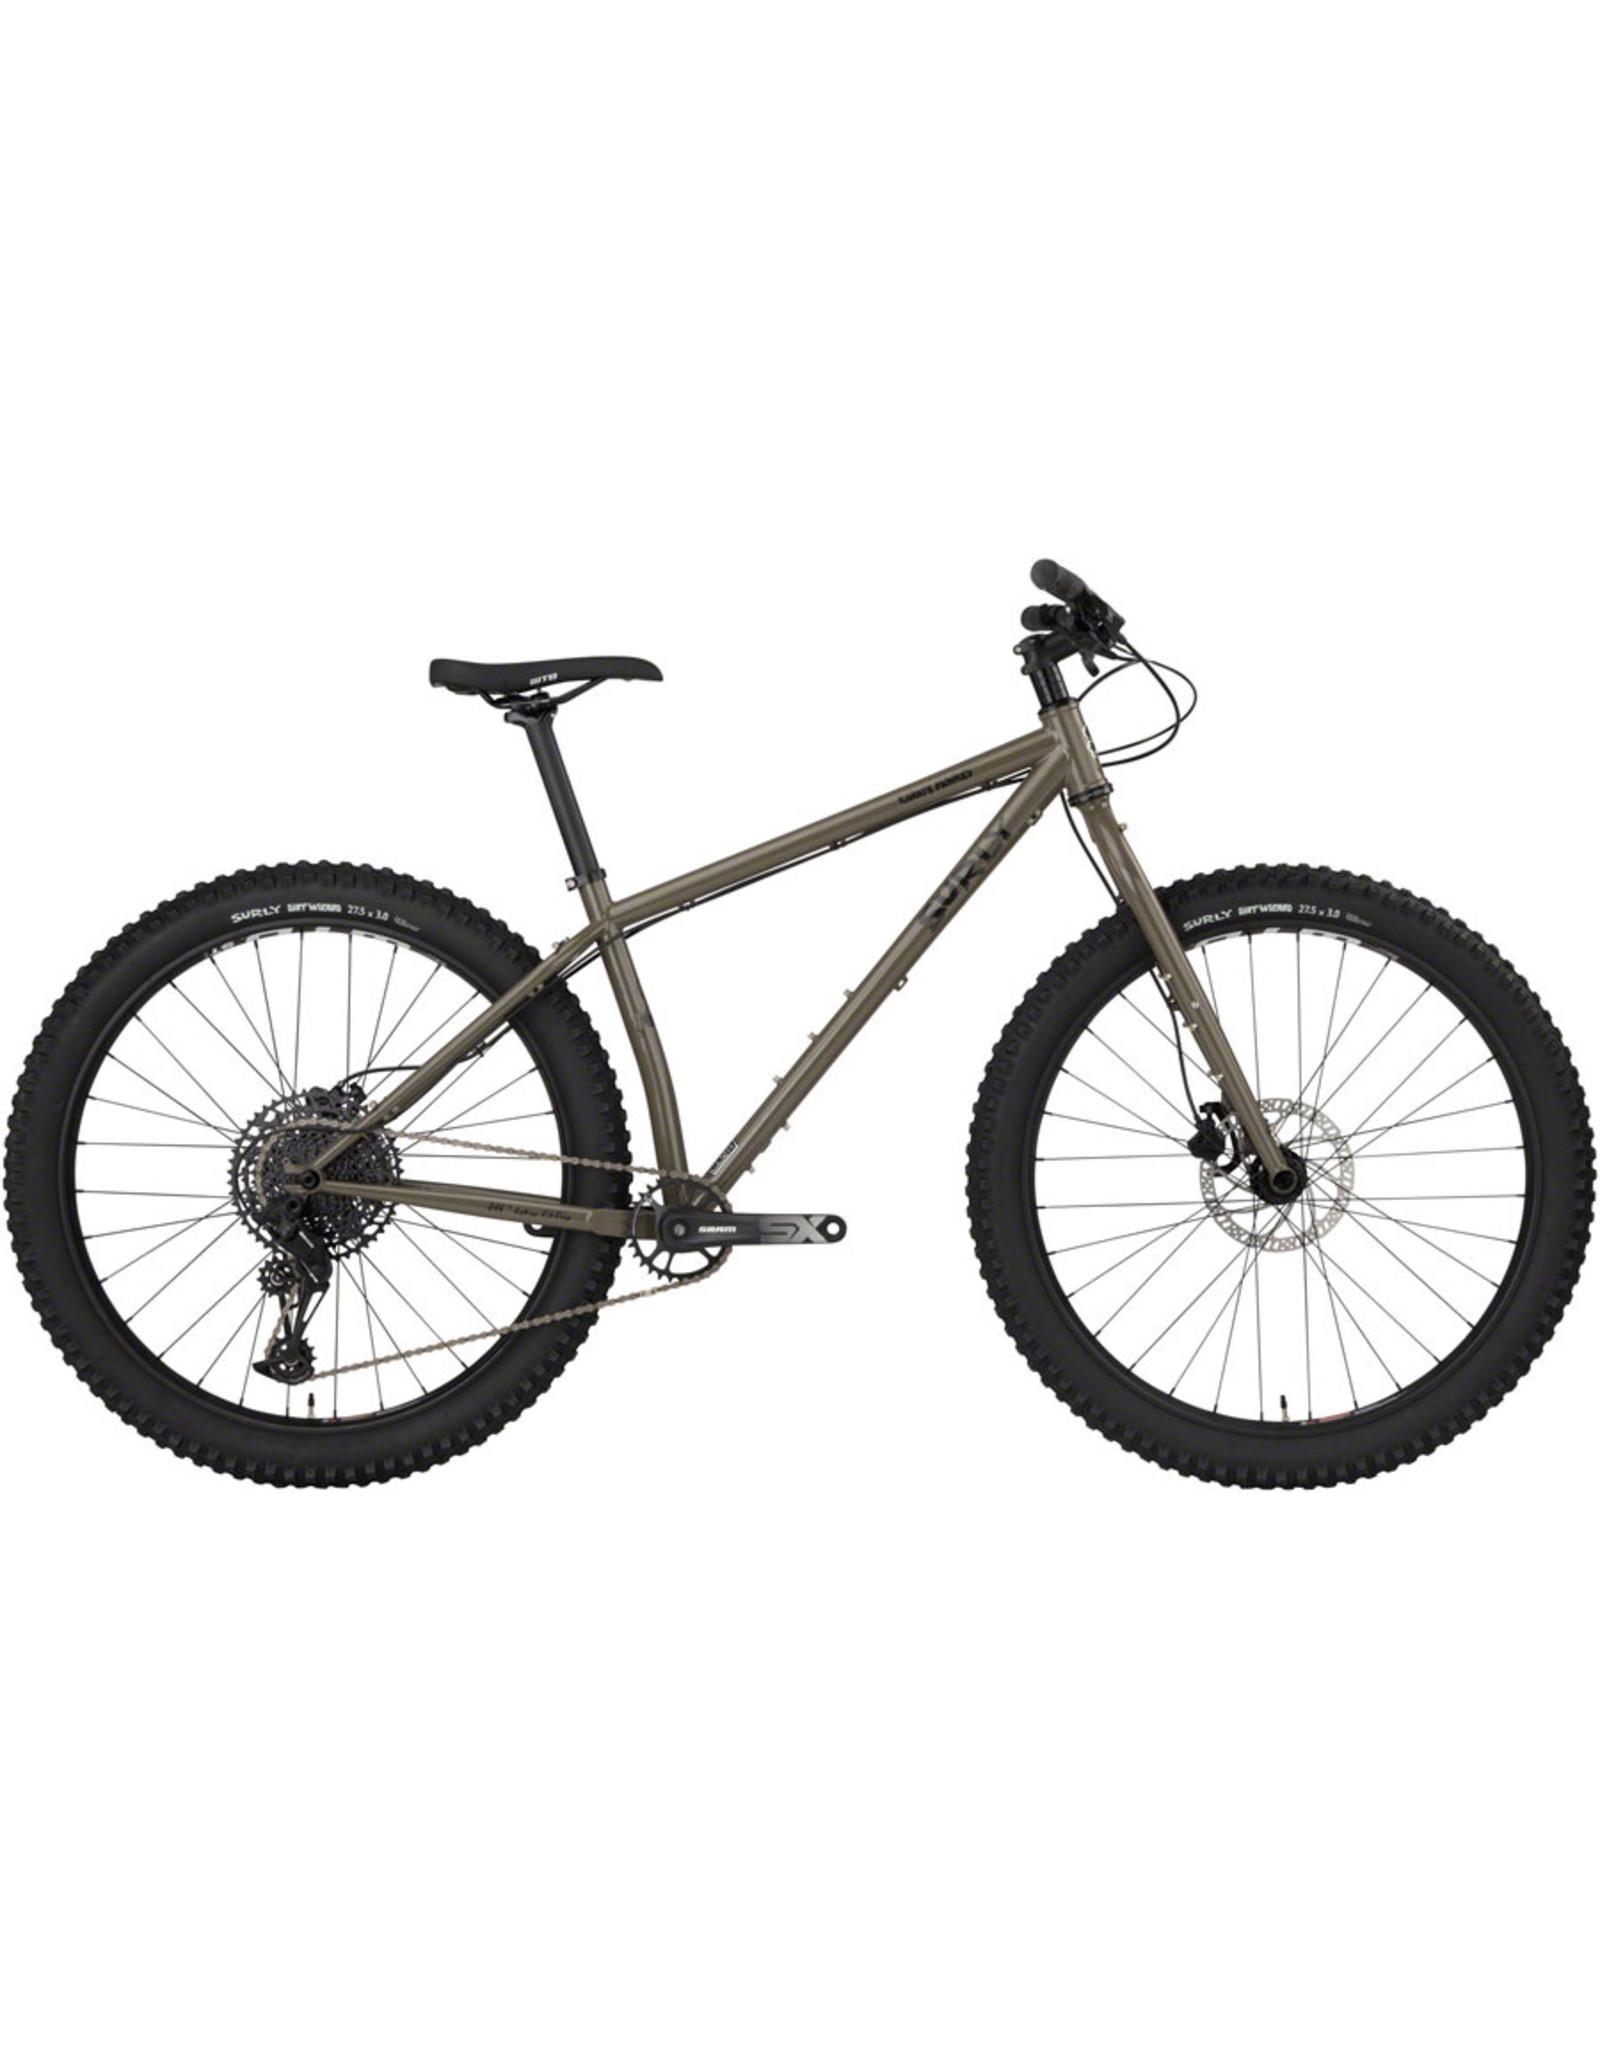 Surly Surly Karate Monkey Bike - 27.5, Steel, Wet Clay